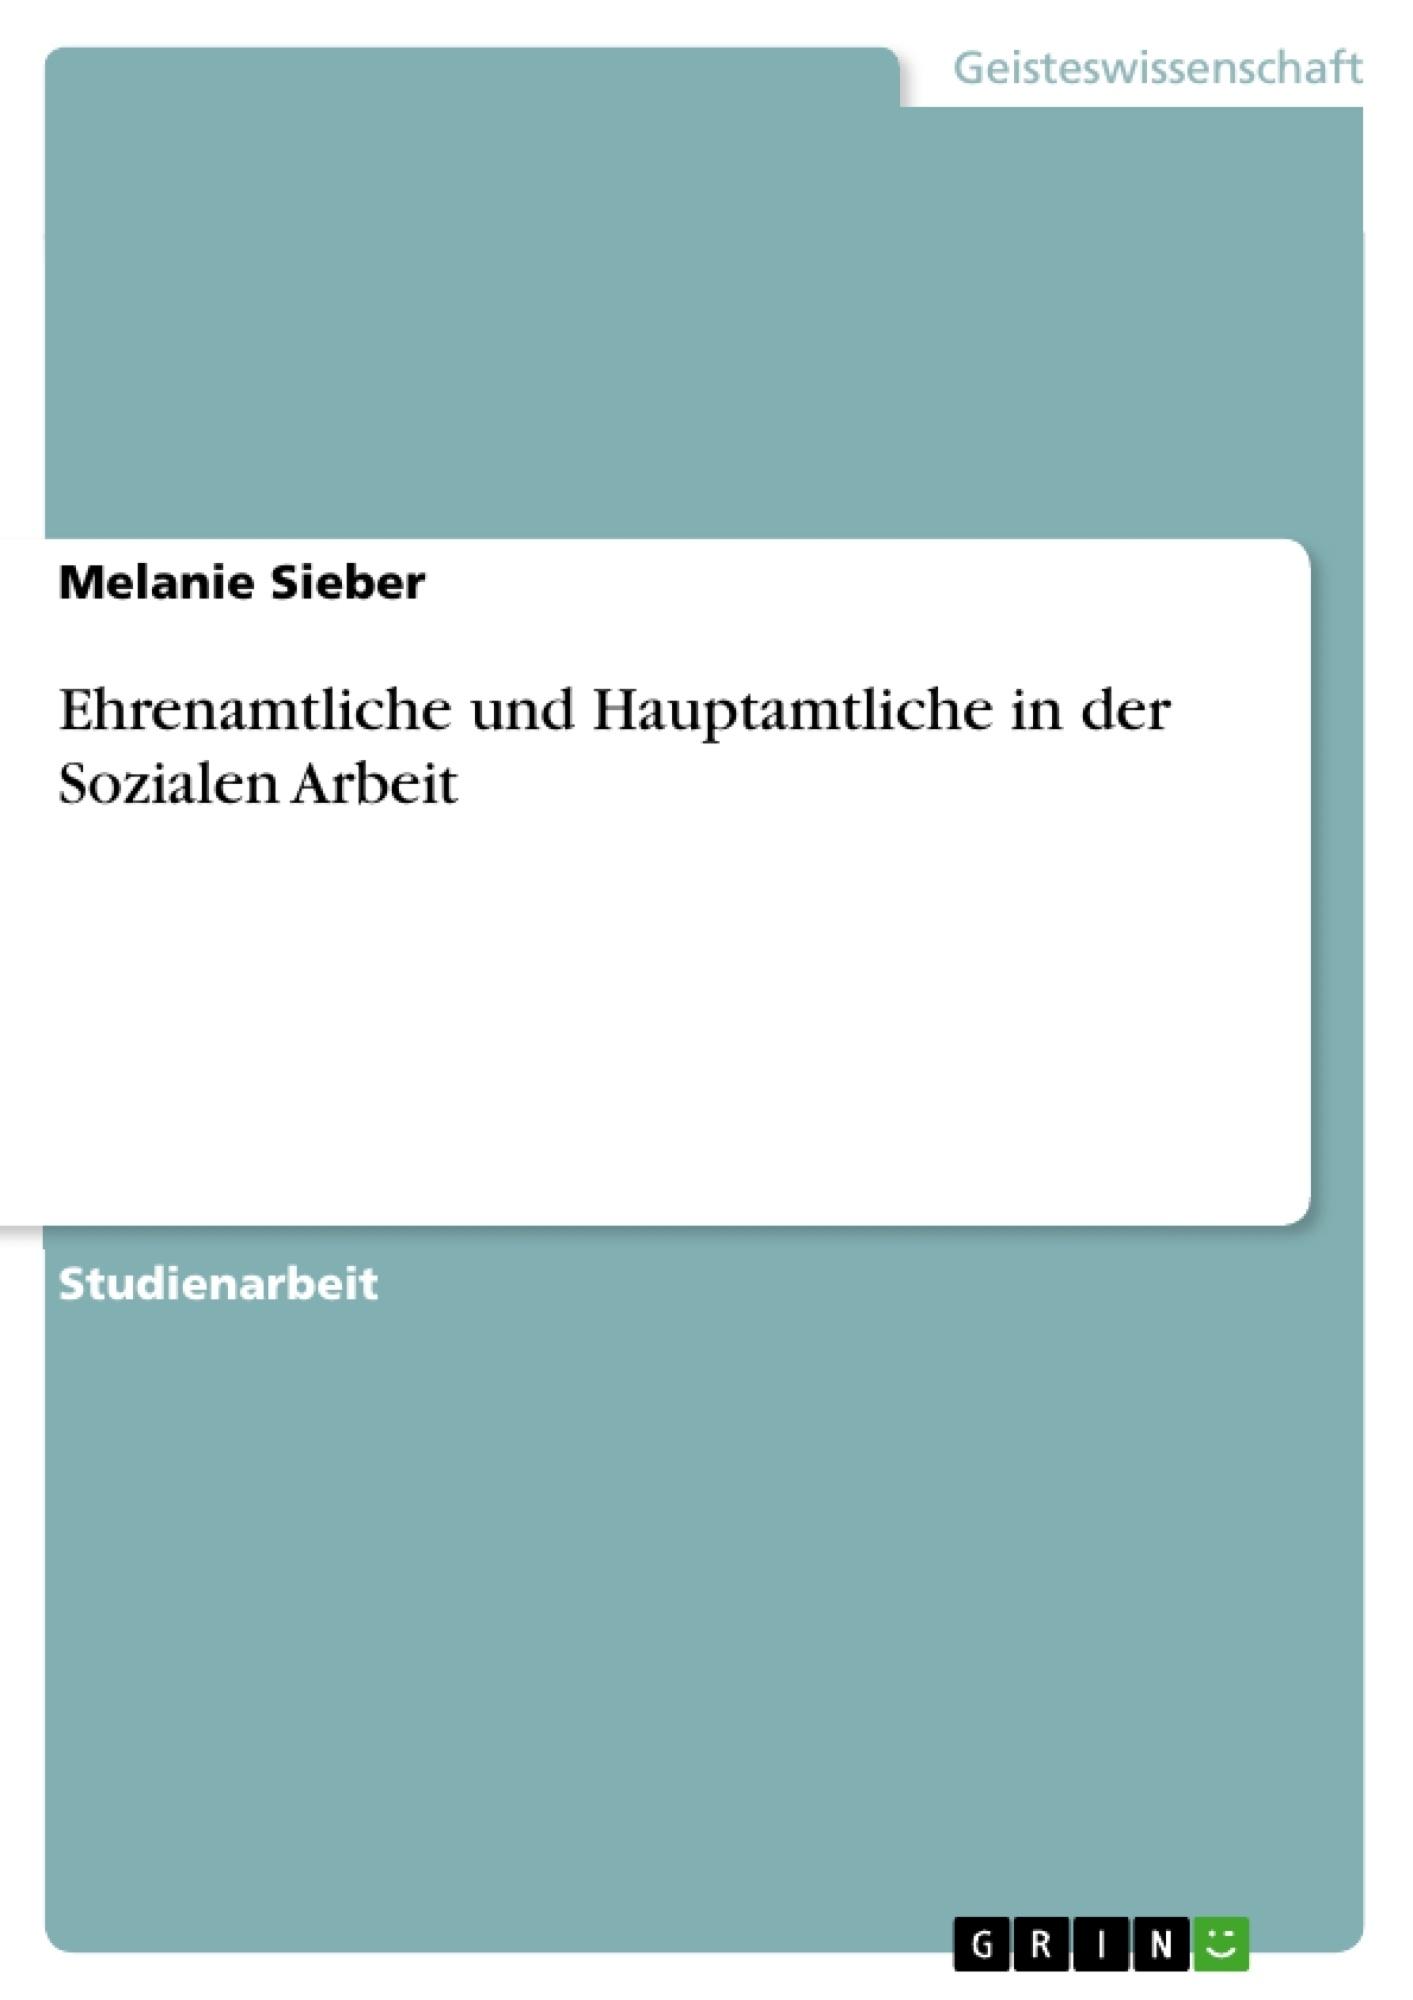 Titel: Ehrenamtliche und Hauptamtliche in der Sozialen Arbeit